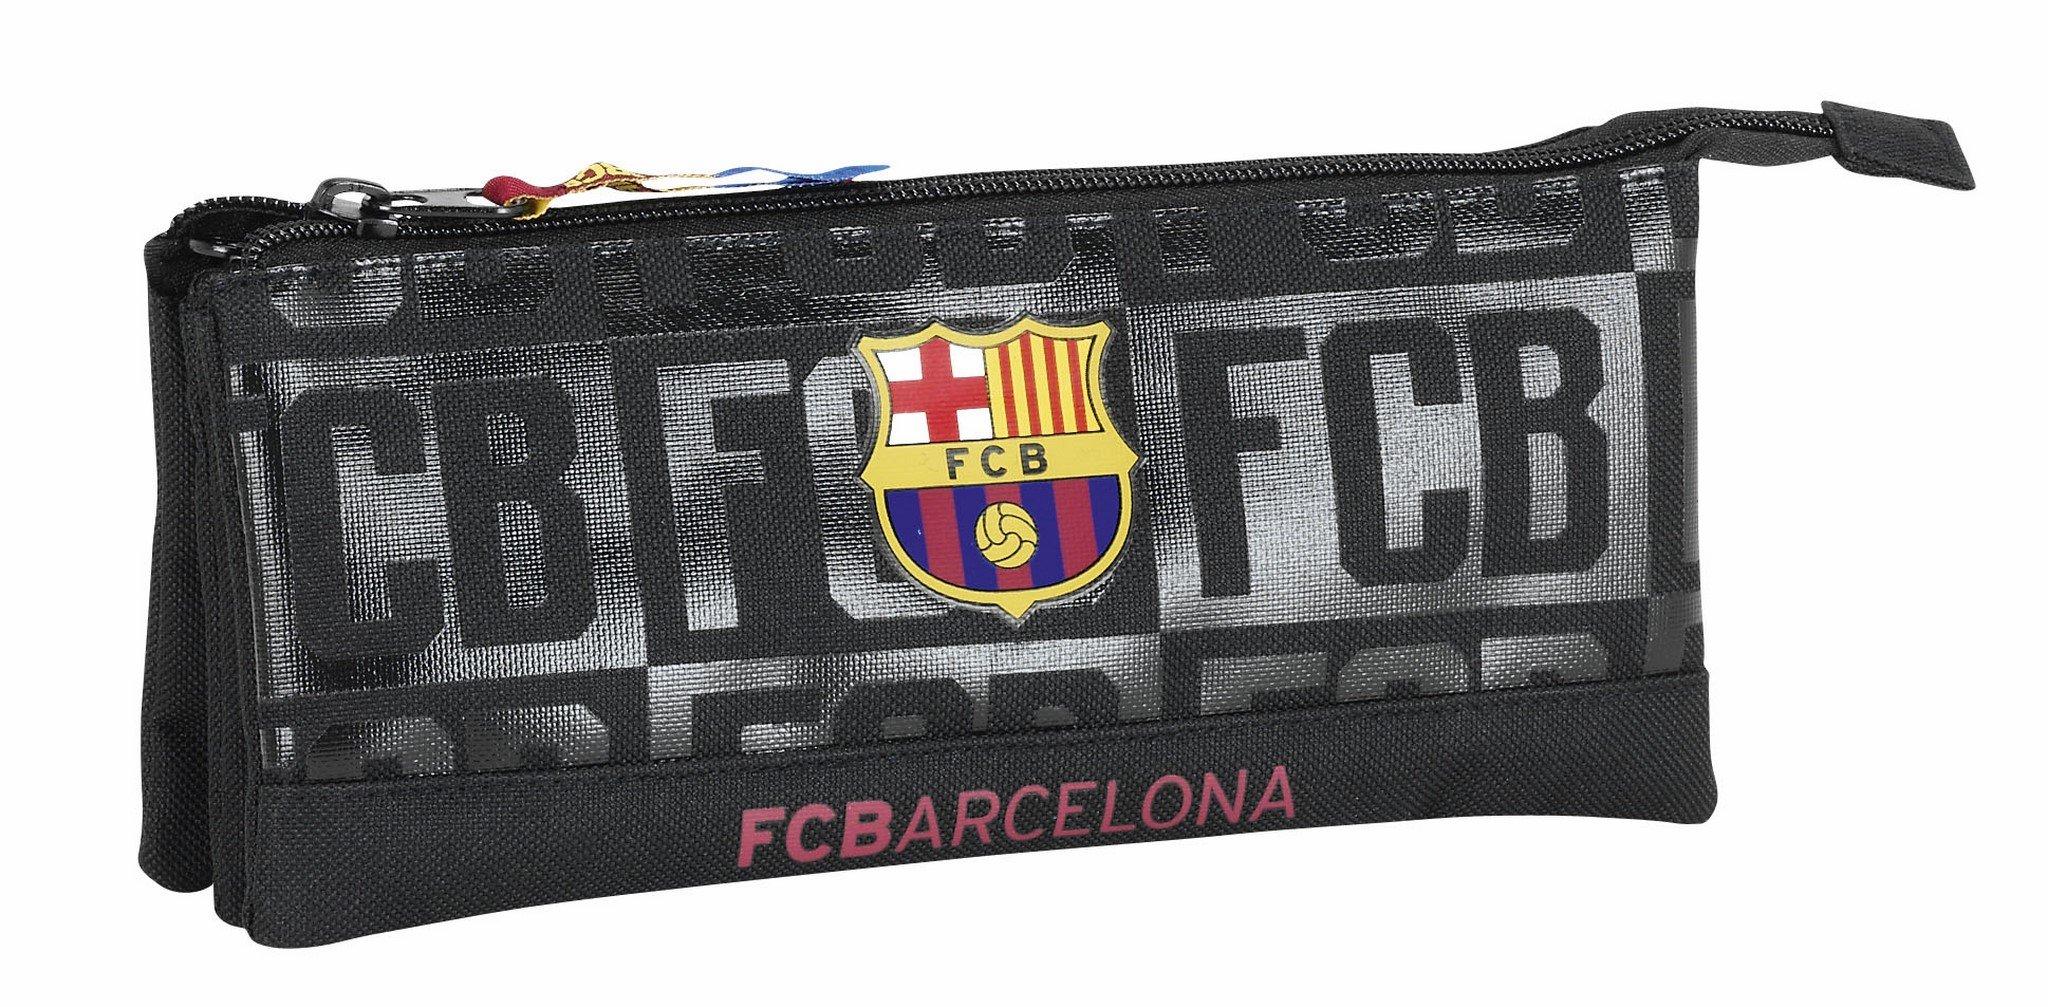 Futbol Club Barcelona-FC Barcelona Estuche portatodo Triple Color Negro, 22 cm (SAFTA 811725744): Amazon.es: Juguetes y juegos